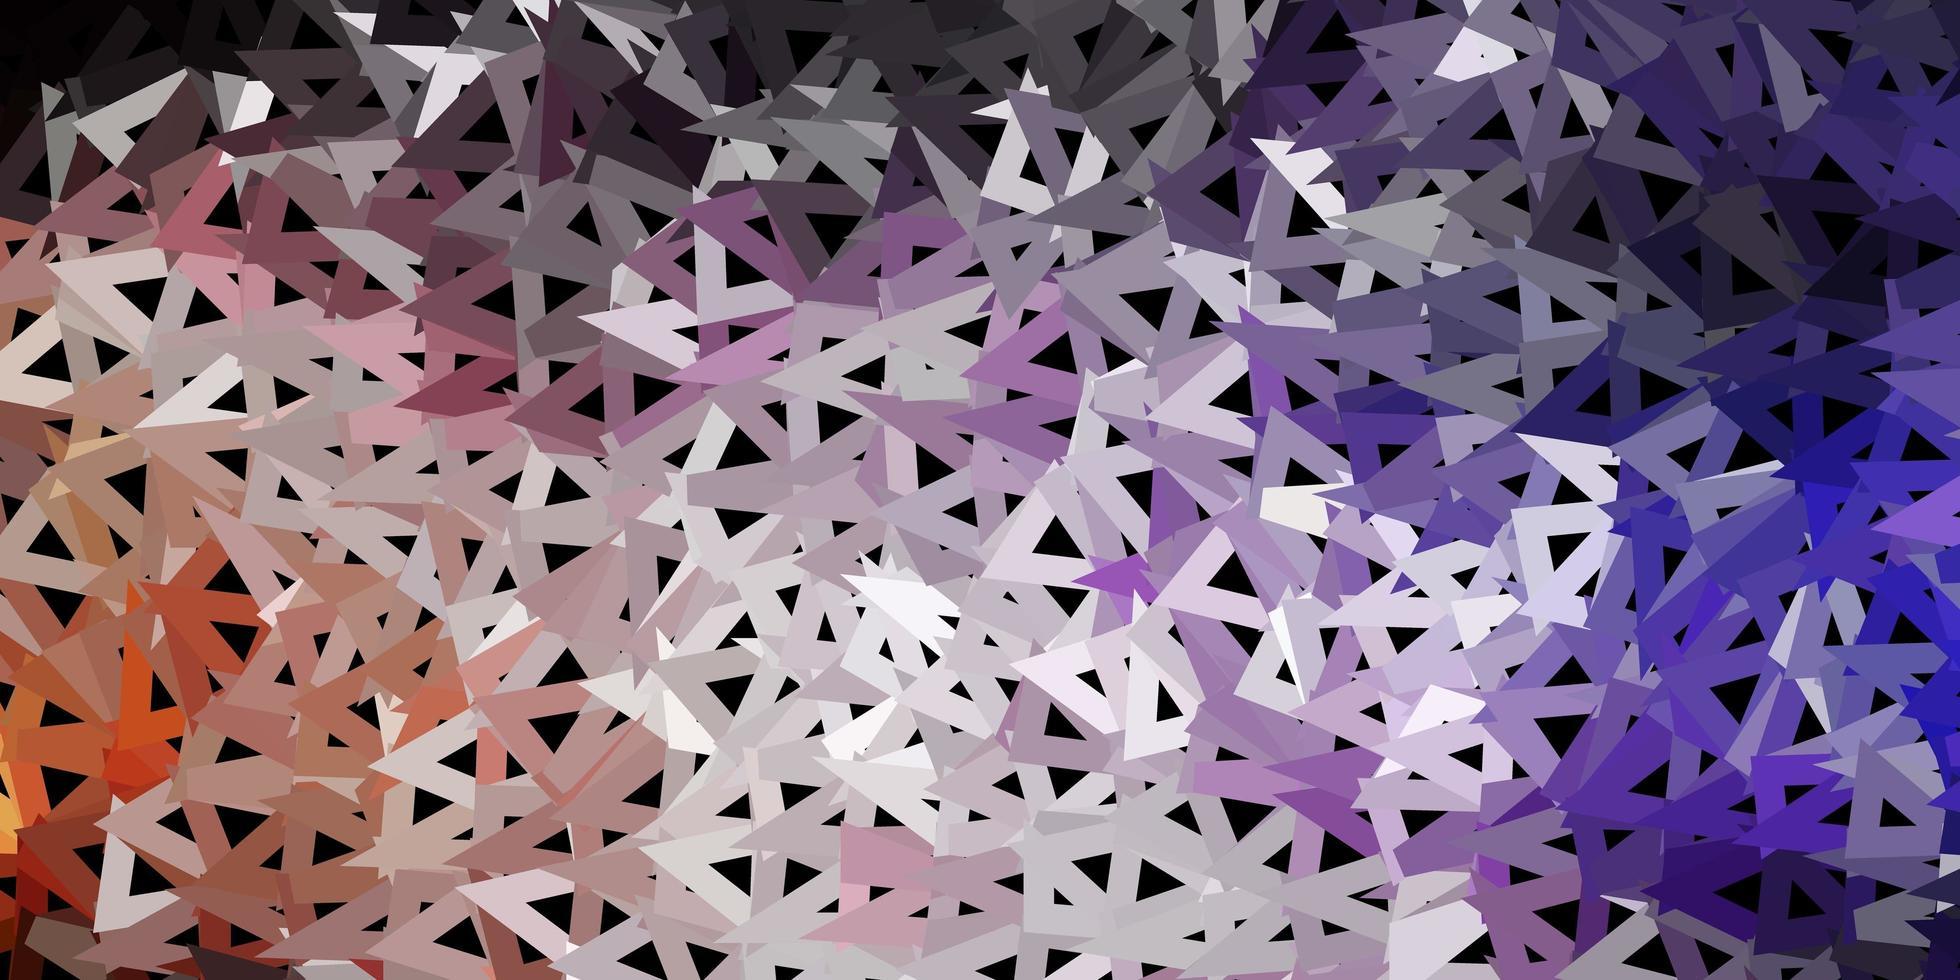 fundo do triângulo abstrato do vetor rosa escuro, amarelo.